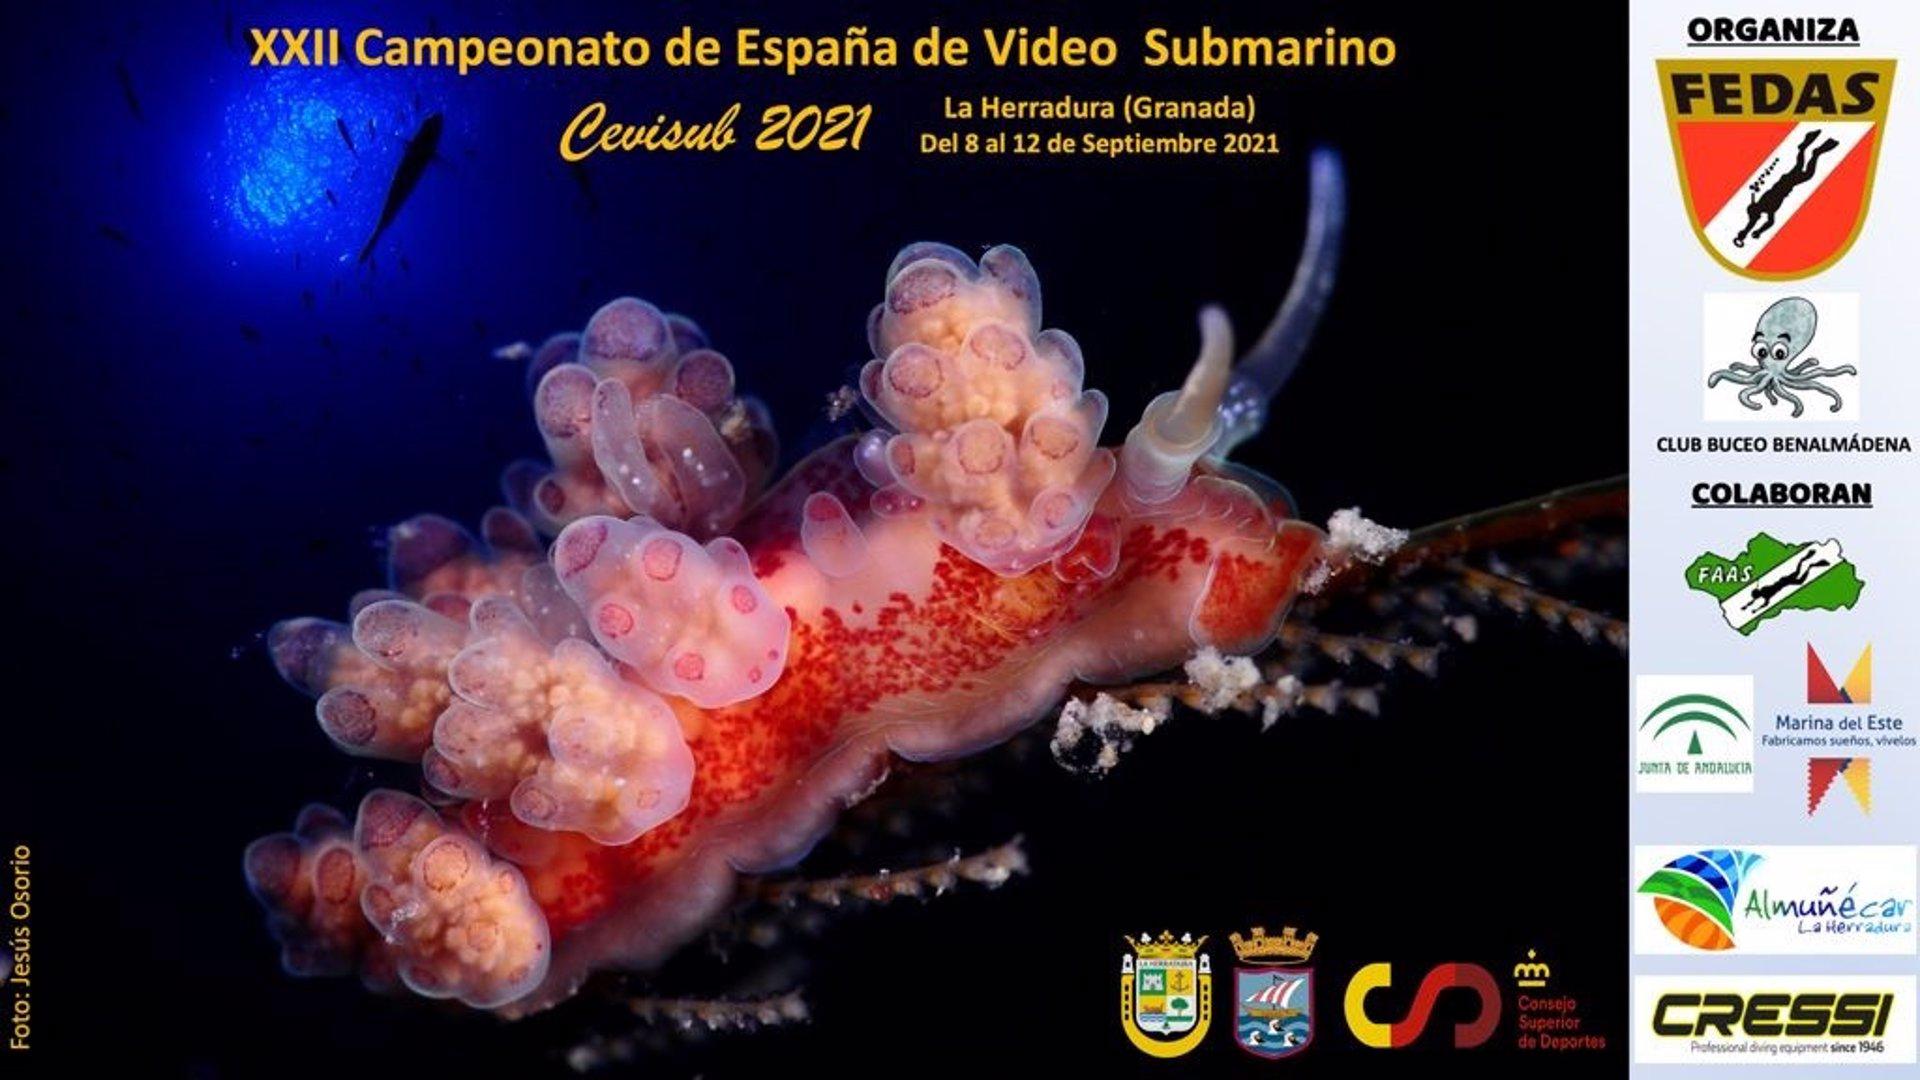 La Herradura acoge desde este miércoles el Campeonato de España de Vídeo Submarino con 14 equipos